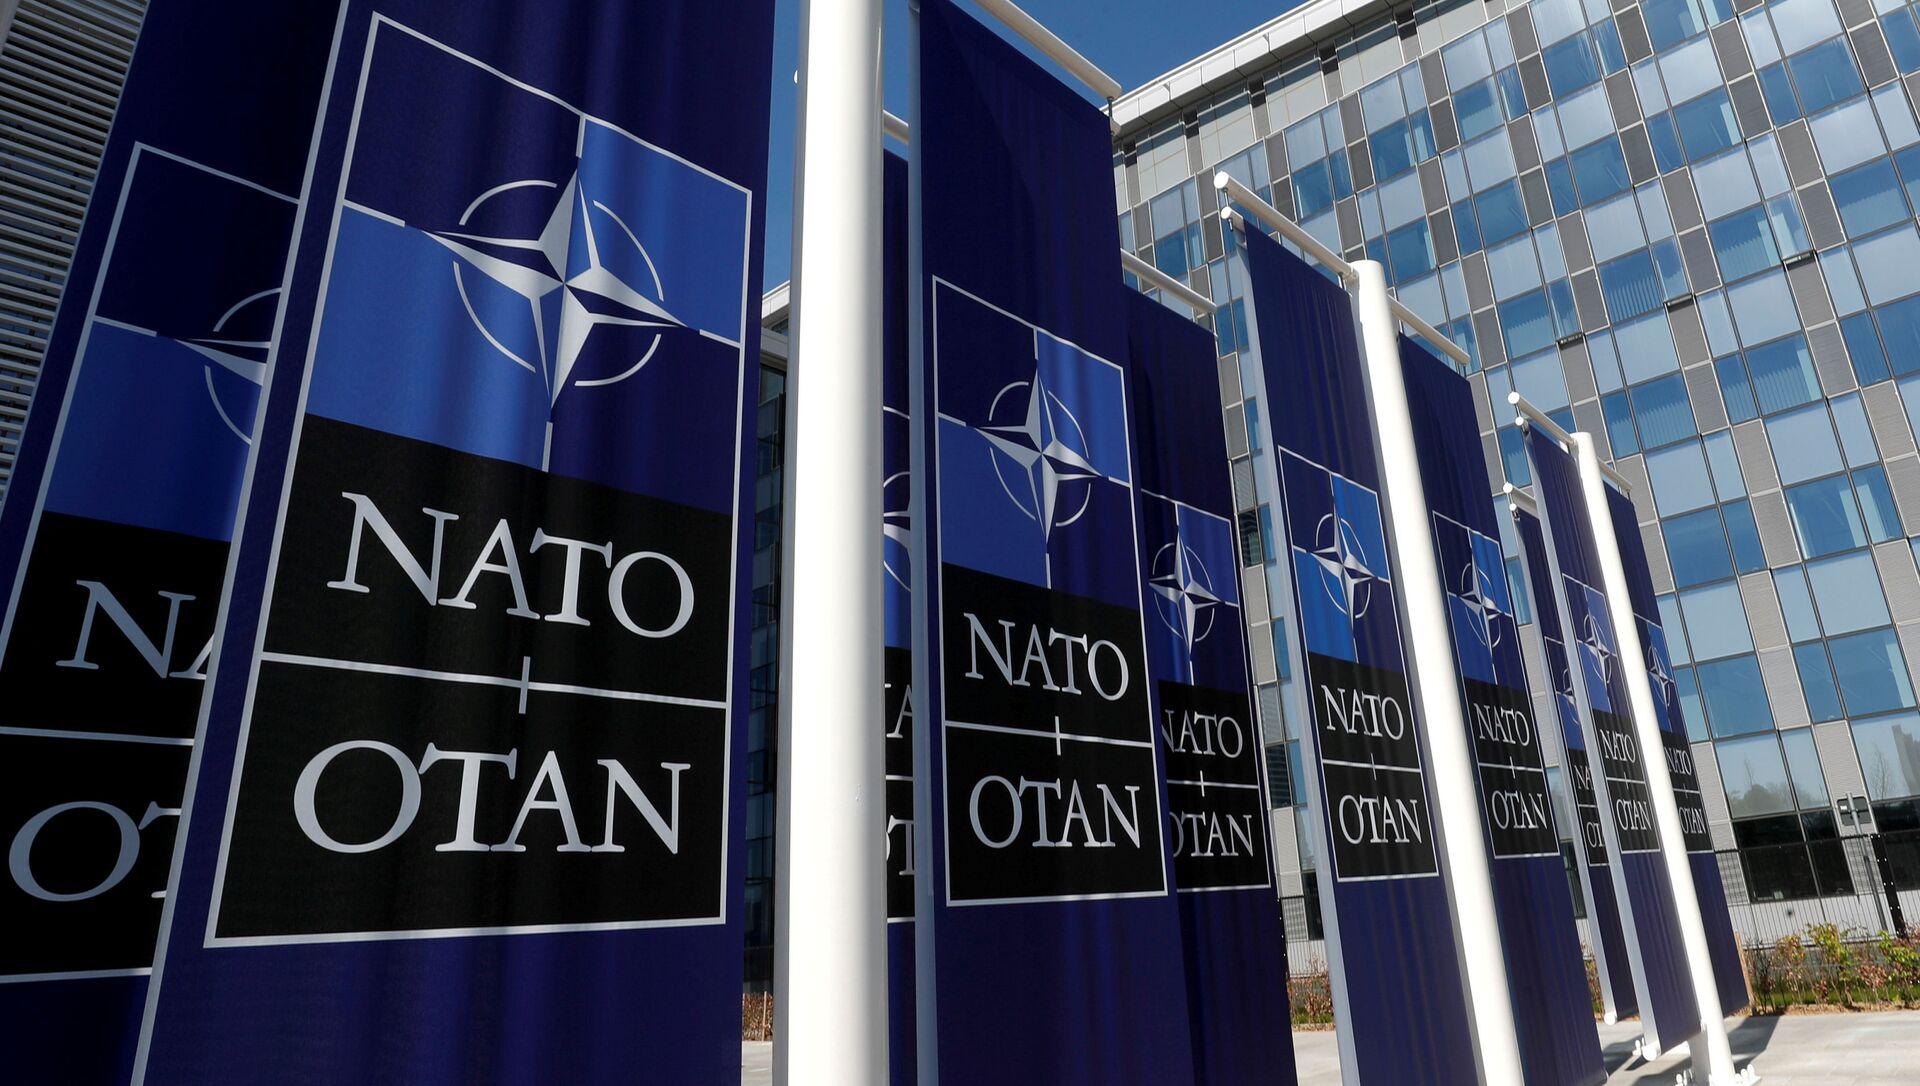 Баннеры с логотипом НАТО у входа в новую штаб-квартиру НАТО - Sputnik Беларусь, 1920, 15.06.2021